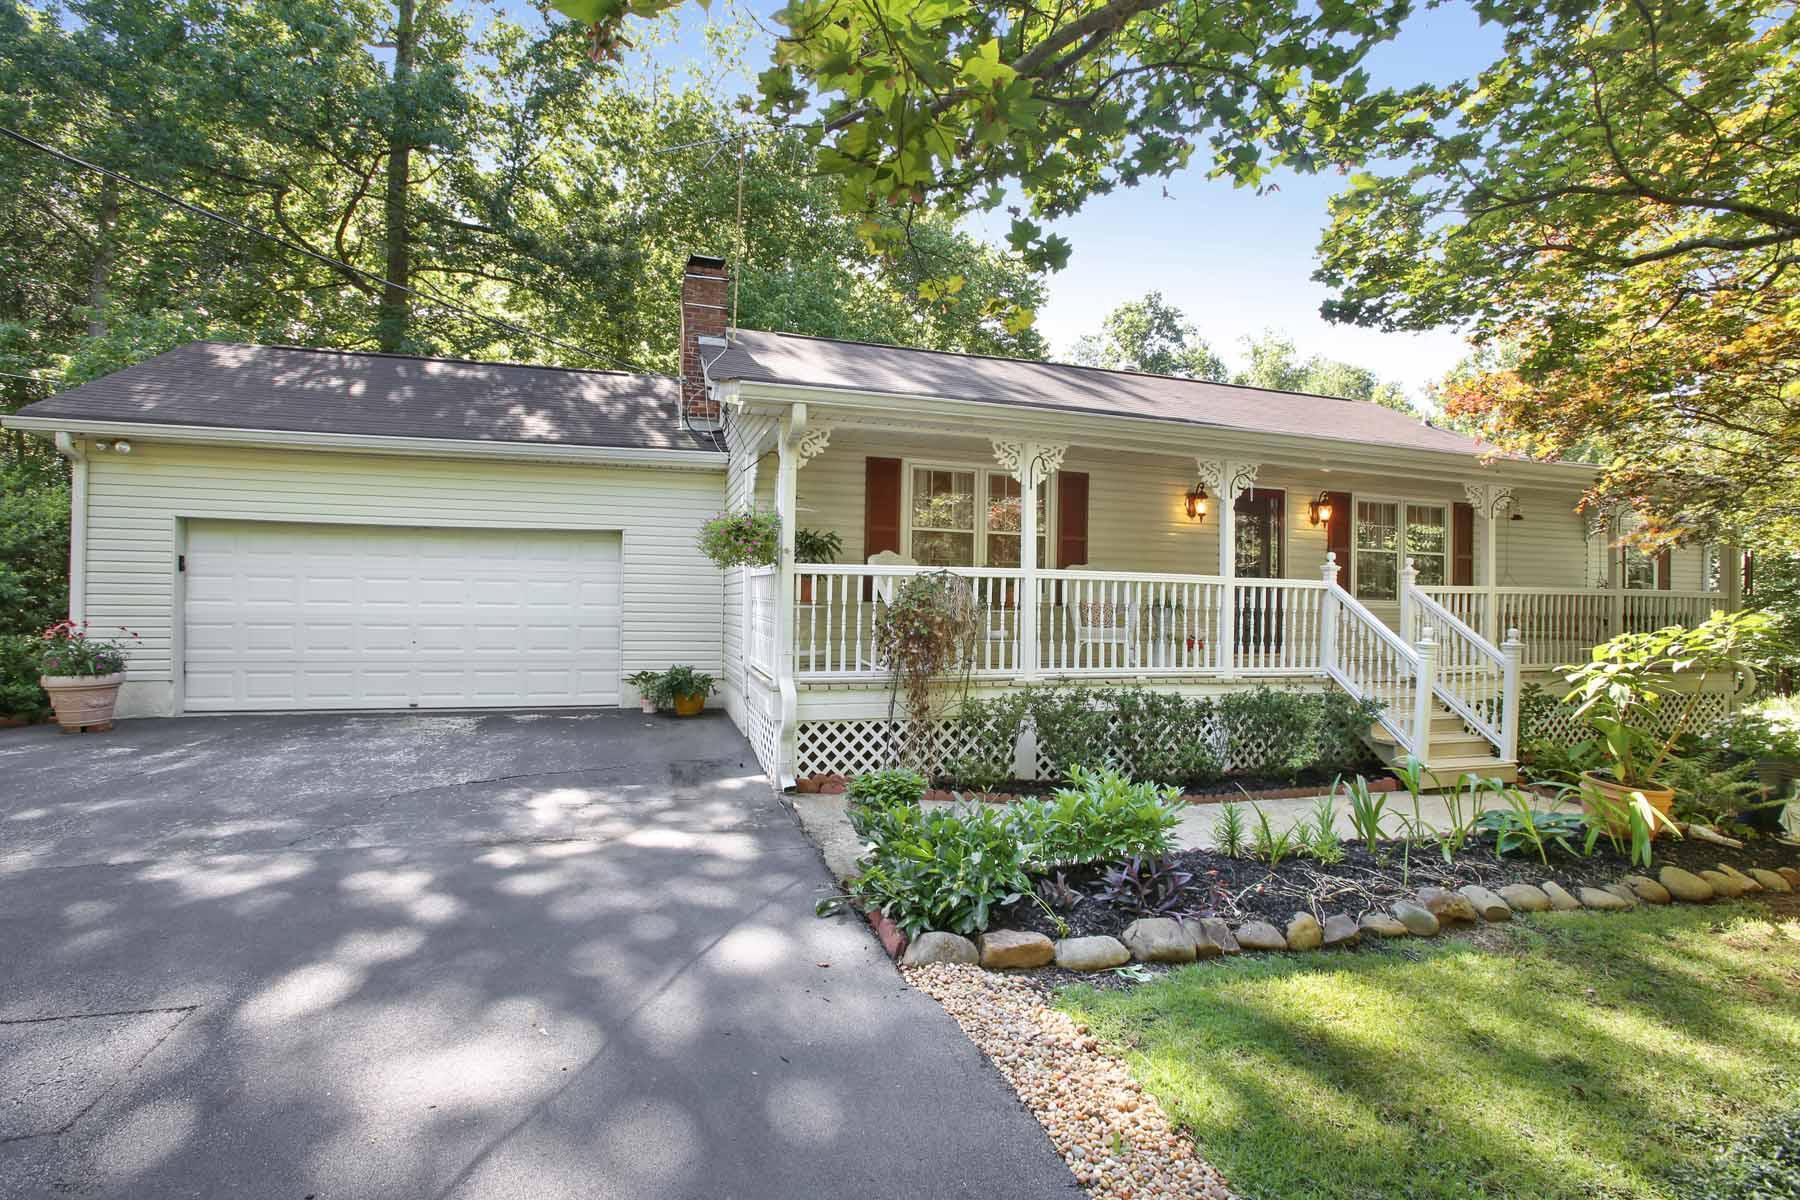 Nhà ở một gia đình vì Bán tại Charming Ranch Style Home With Several Updates Near Serenbe Community 8540 Watkins Road Chattahoochee Hills, Georgia, 30268 Hoa Kỳ